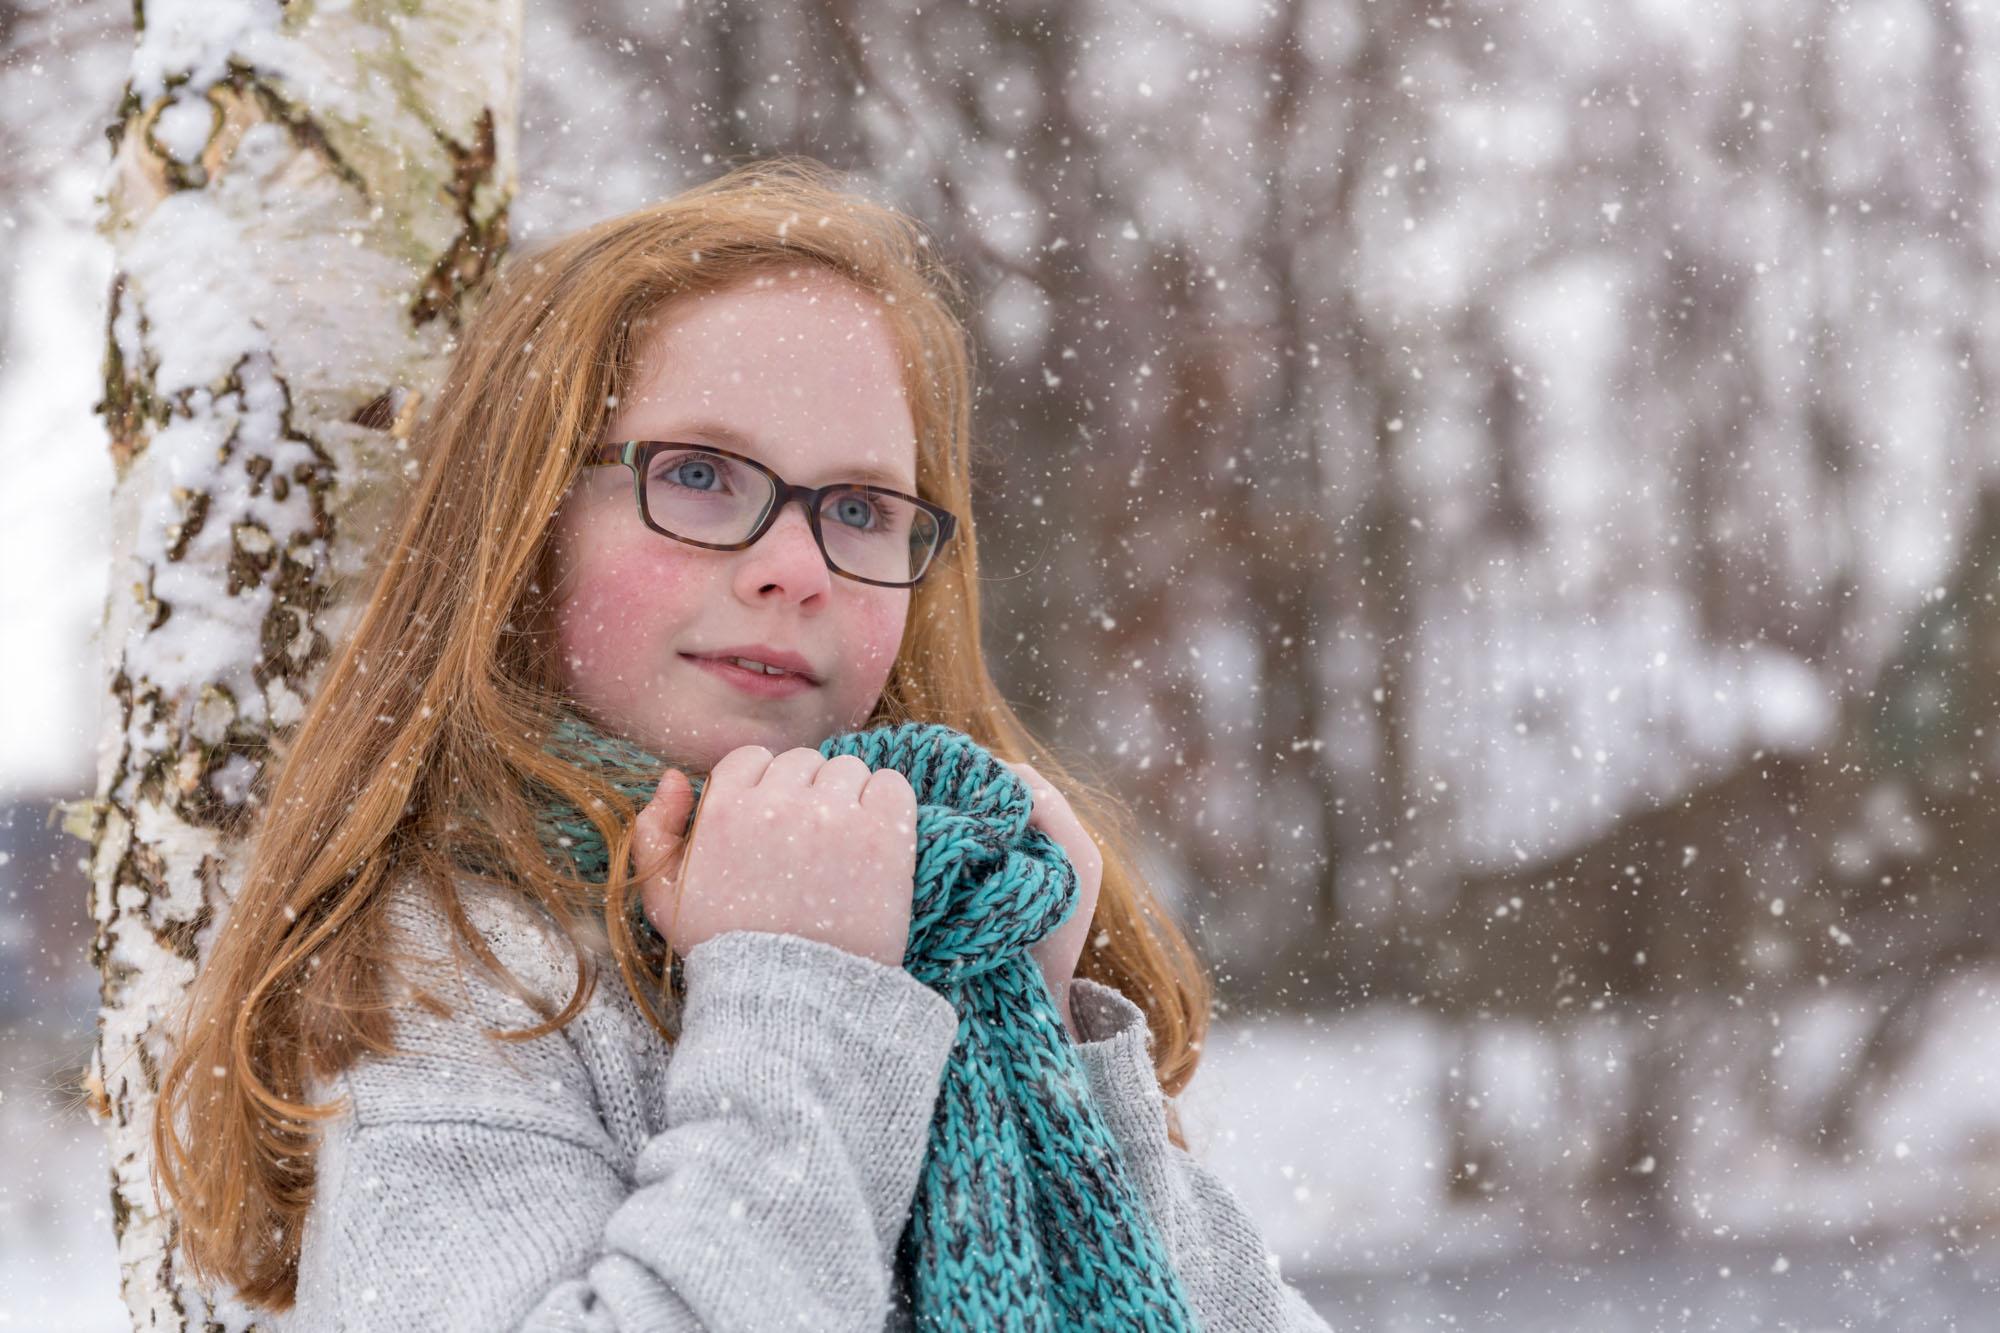 kinderportret van meisje met rood haar in de sneeuw door mayrafotografie